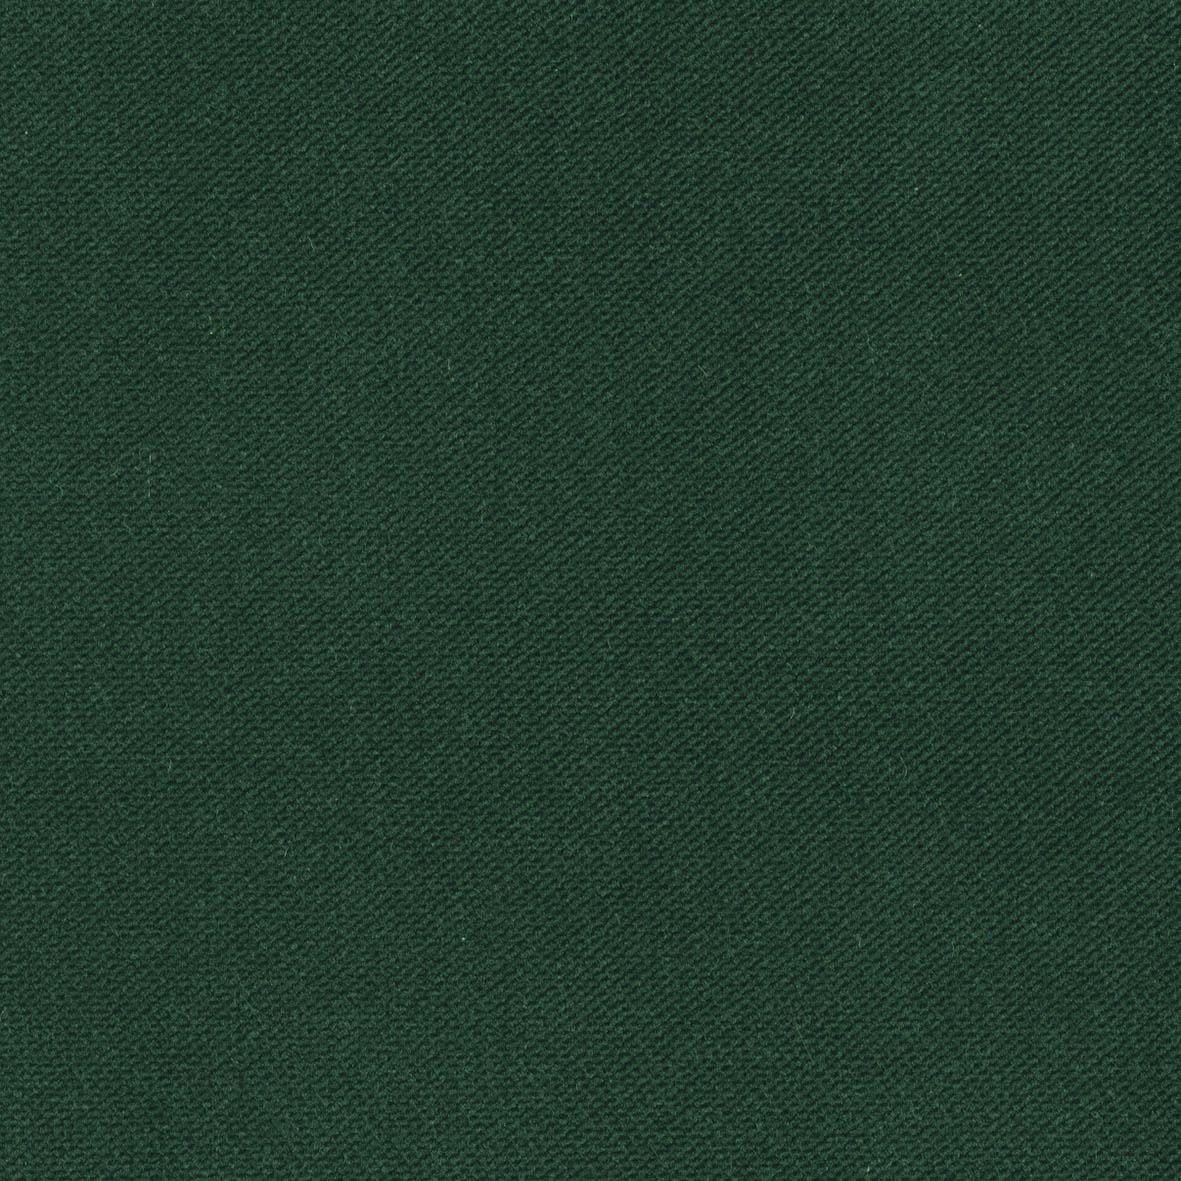 24 Verde Smeraldo